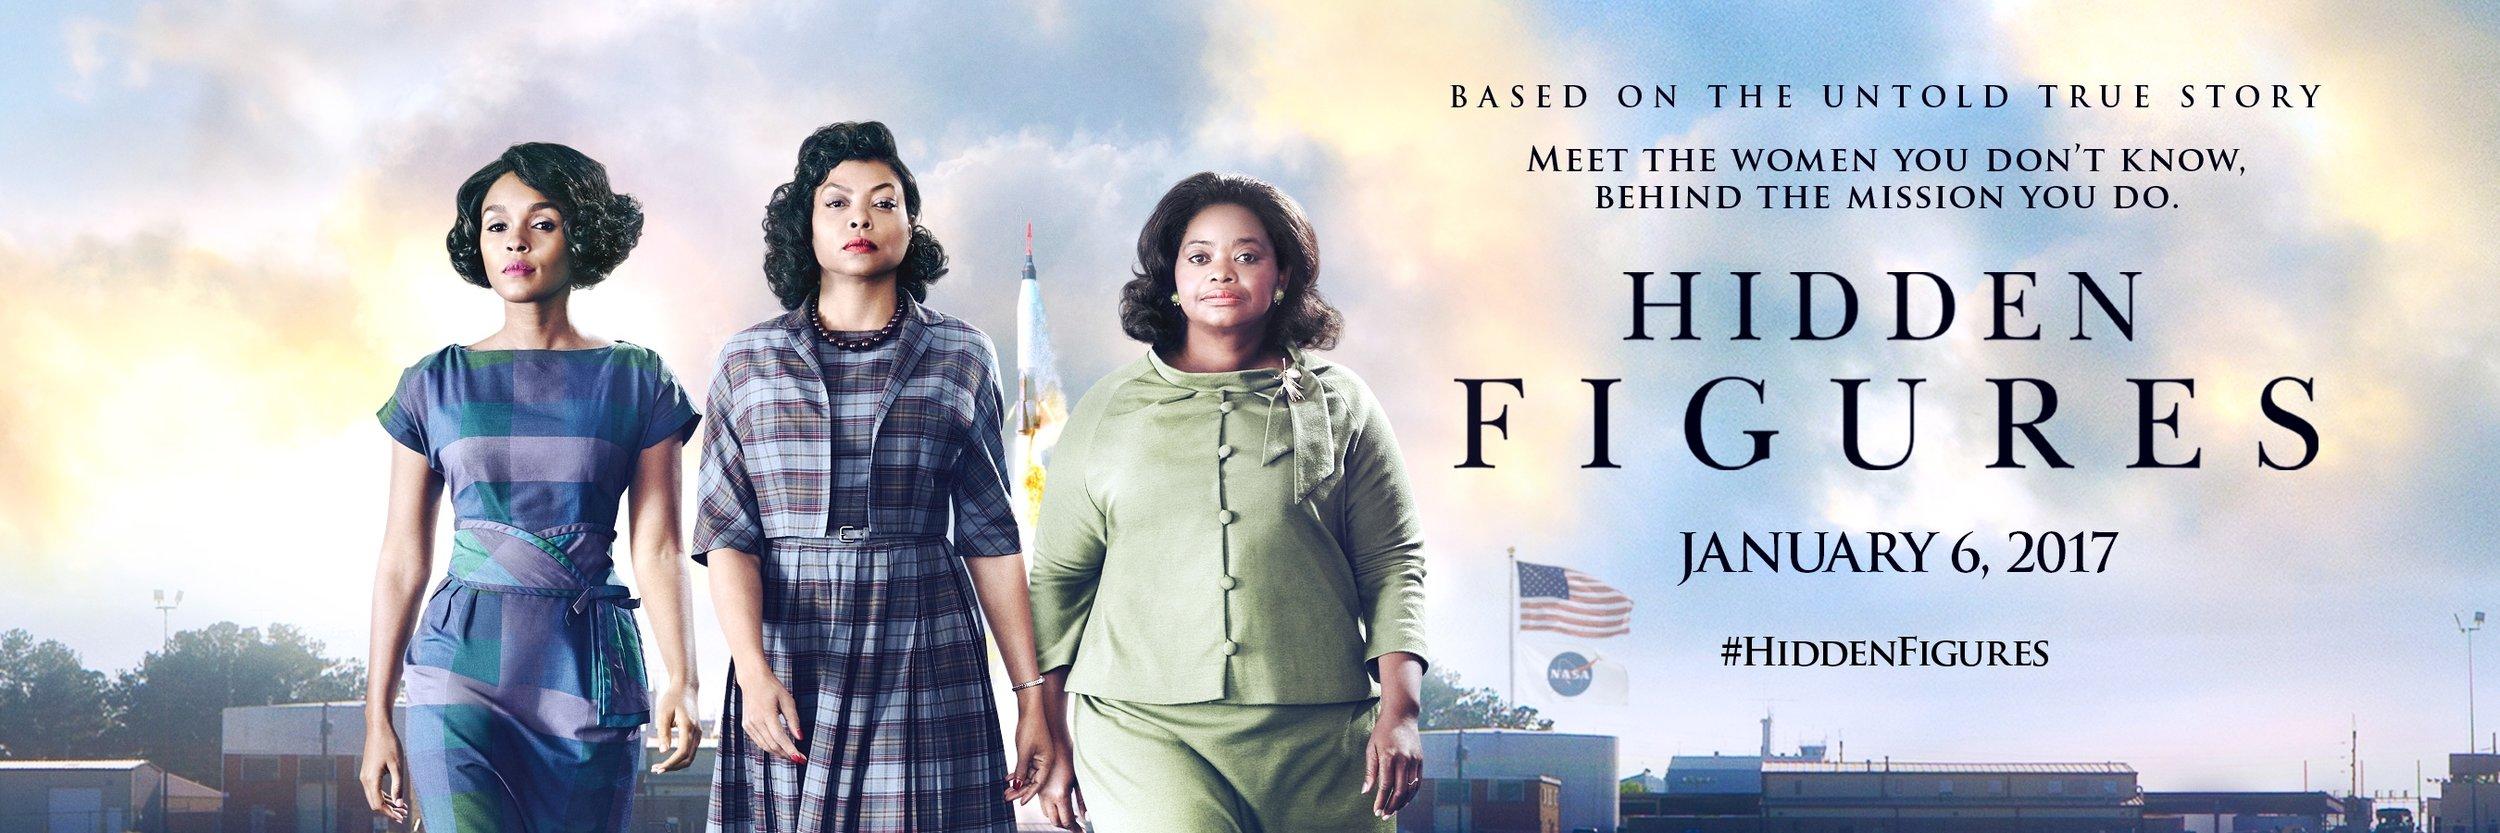 #HiddenFiguresMovie Premieres January 6, 2017!